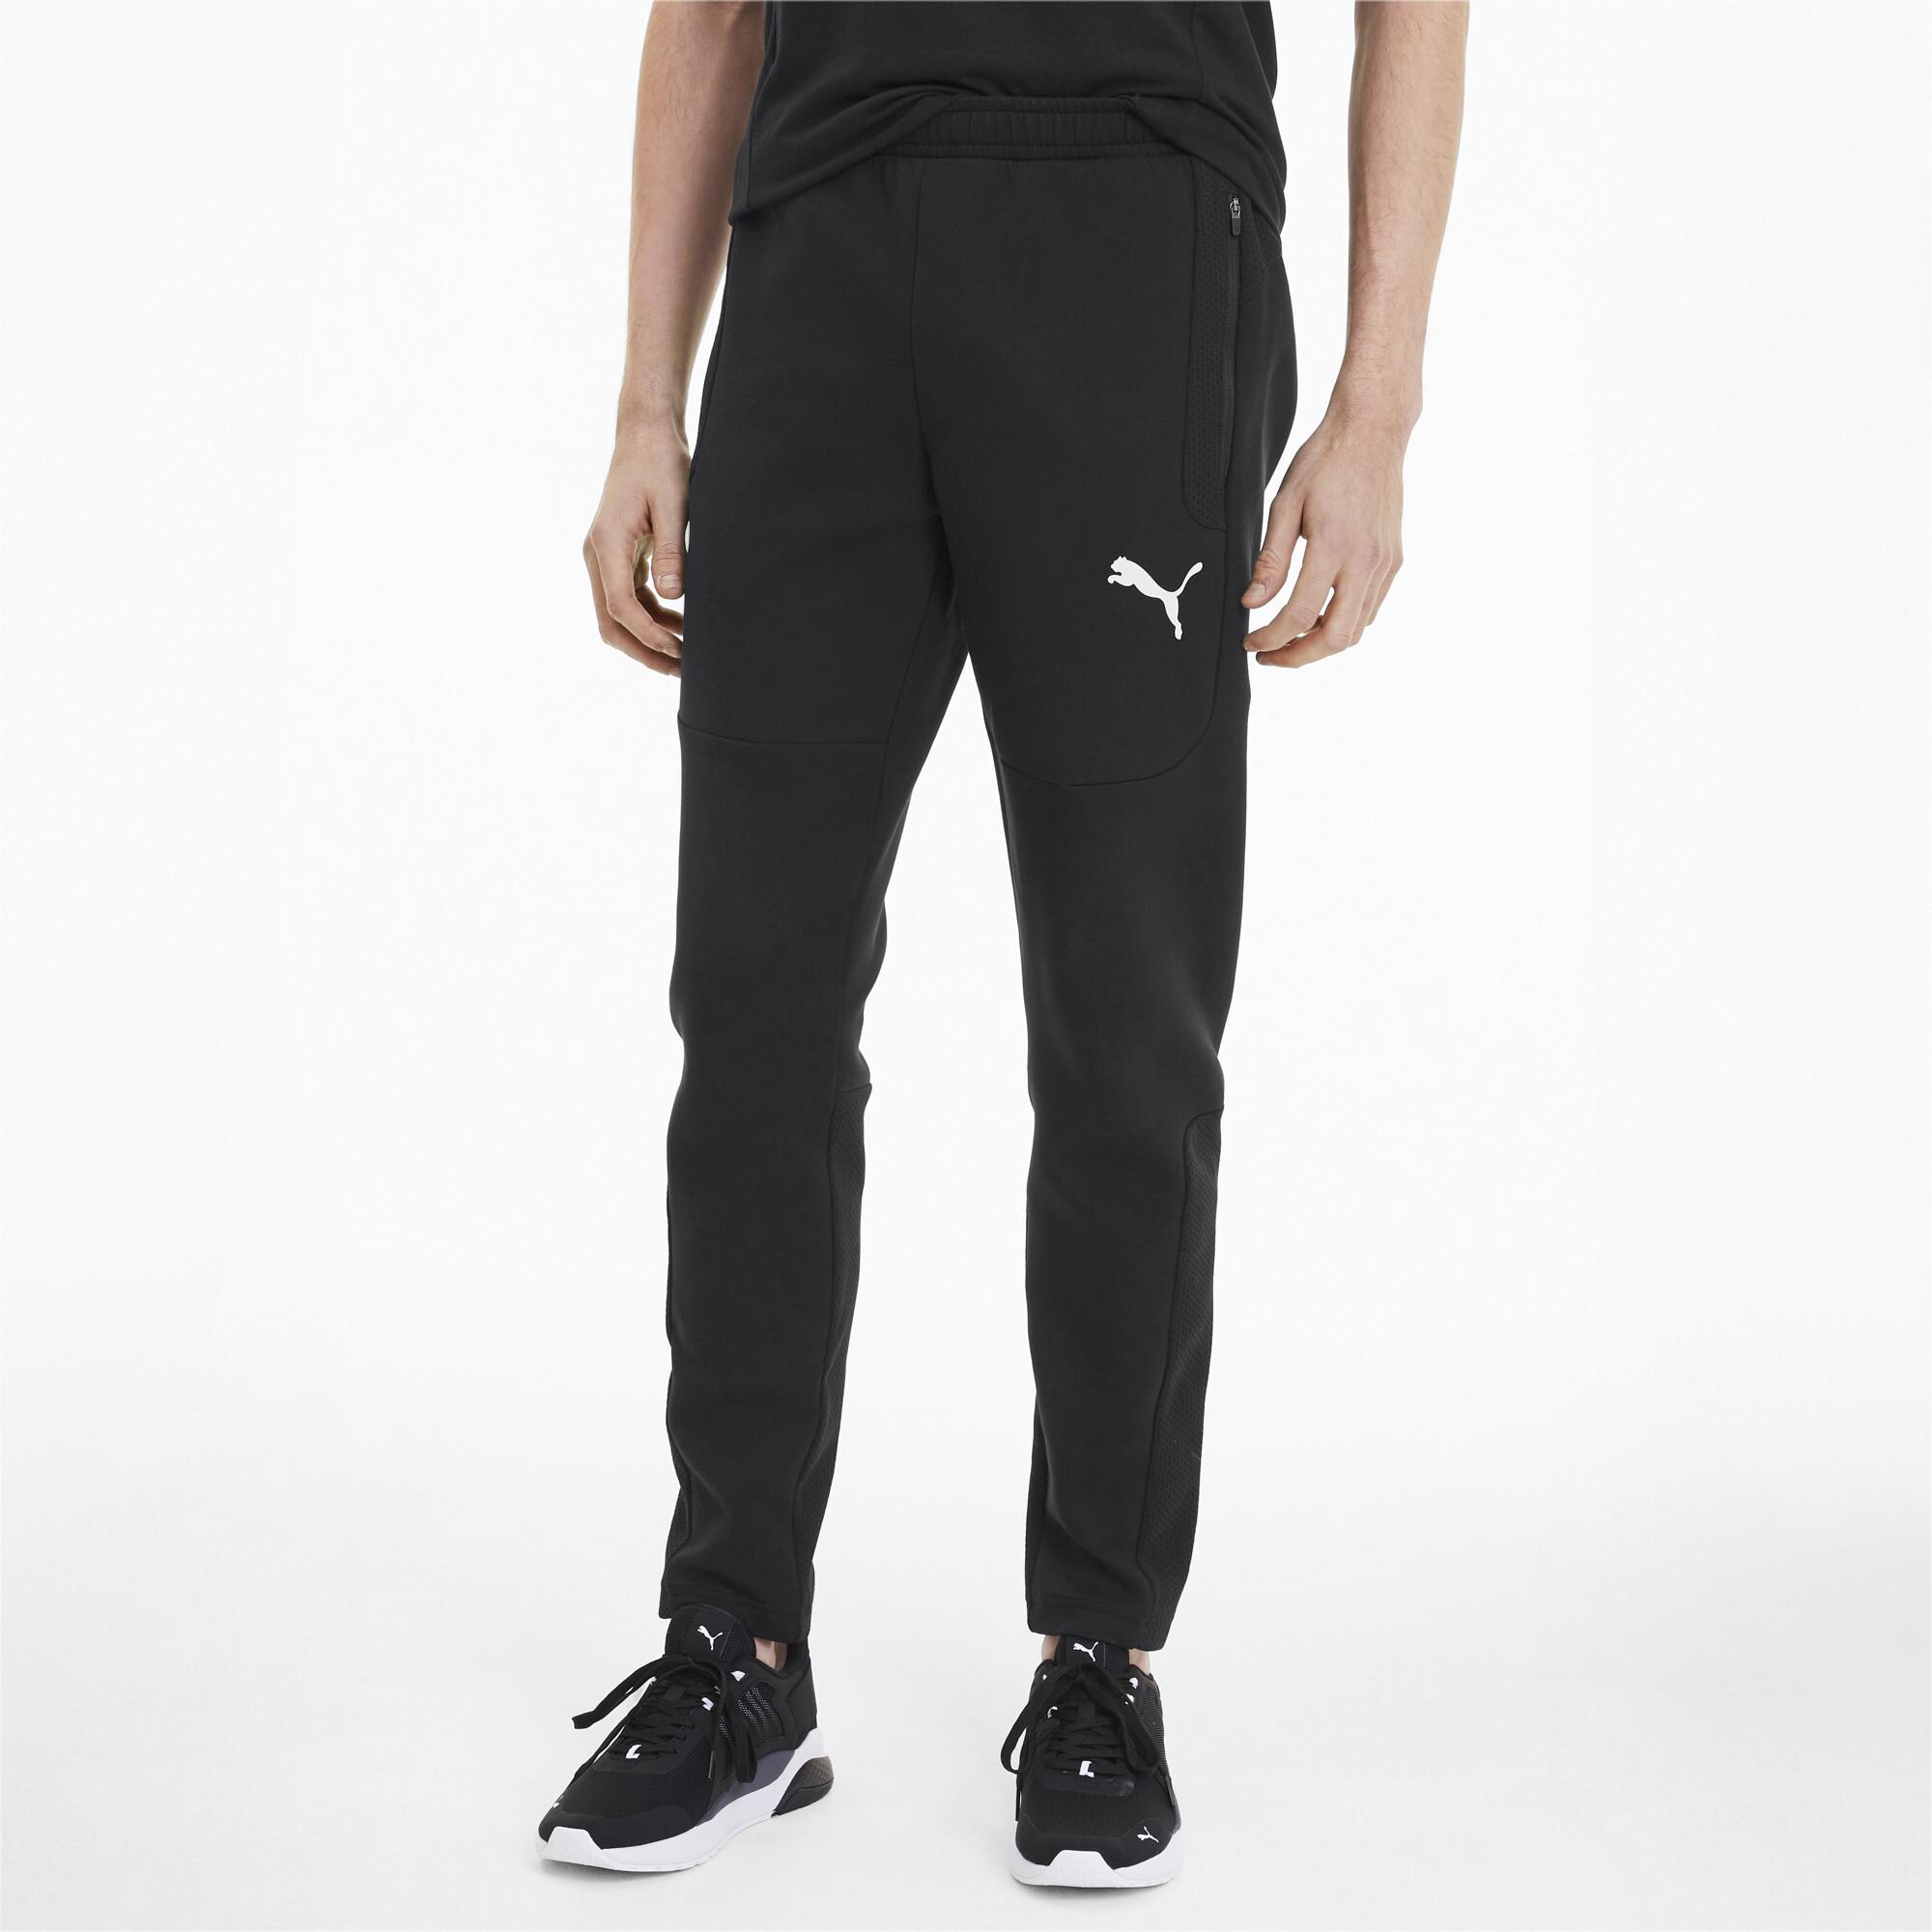 PUMA-Evostripe-Men-039-s-Sweatpants-Men-Knitted-Pants-Basics thumbnail 4